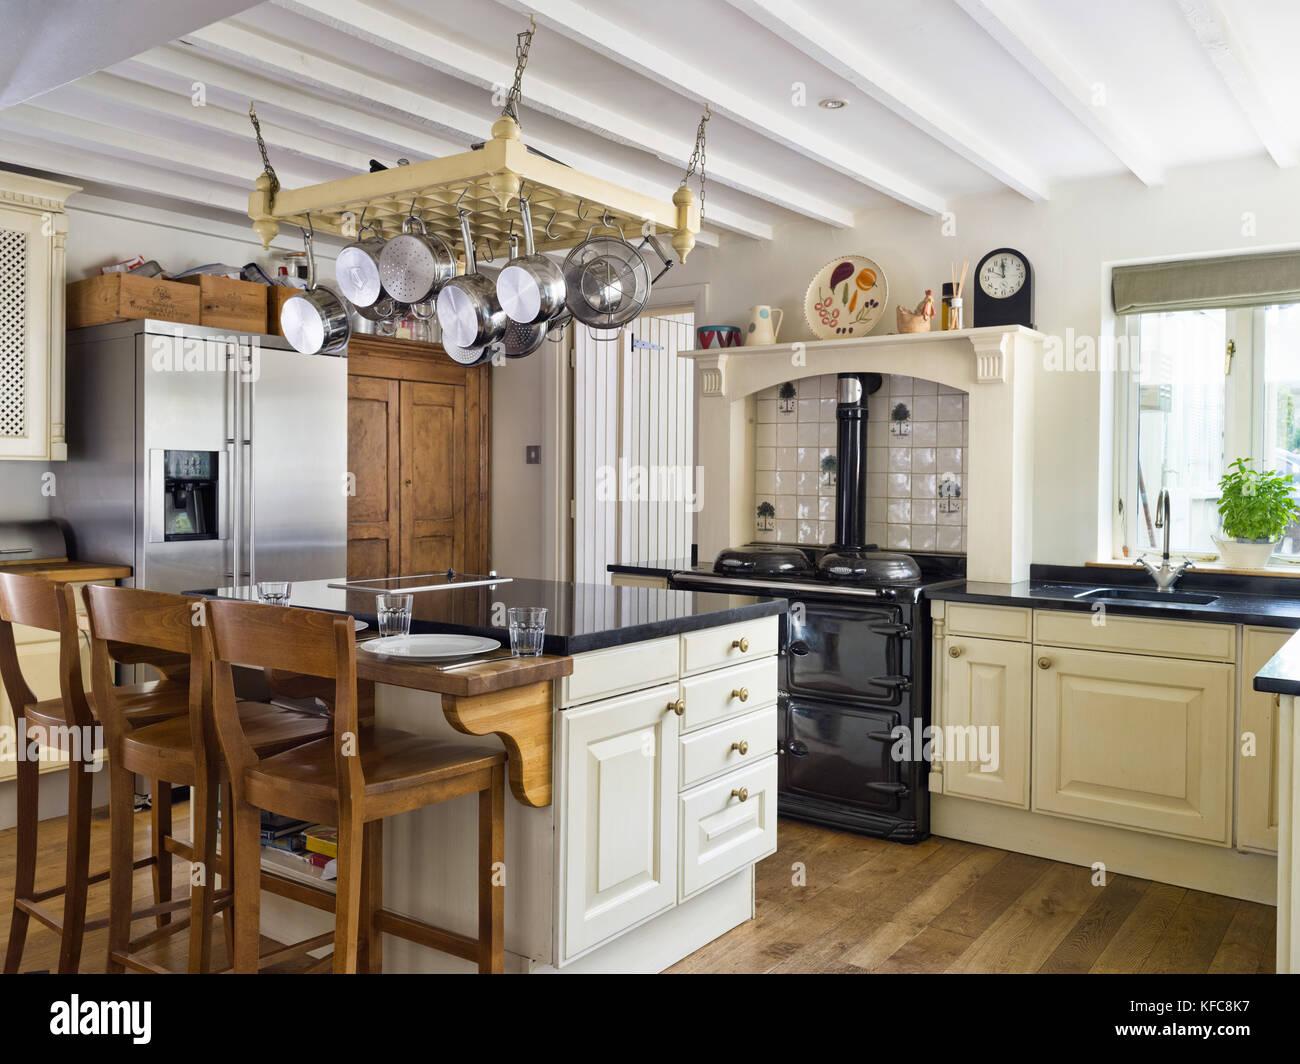 Amerikanischer Kühlschrank In Küche : Side by side kühlschrank grau küche mit kochinsel und side by